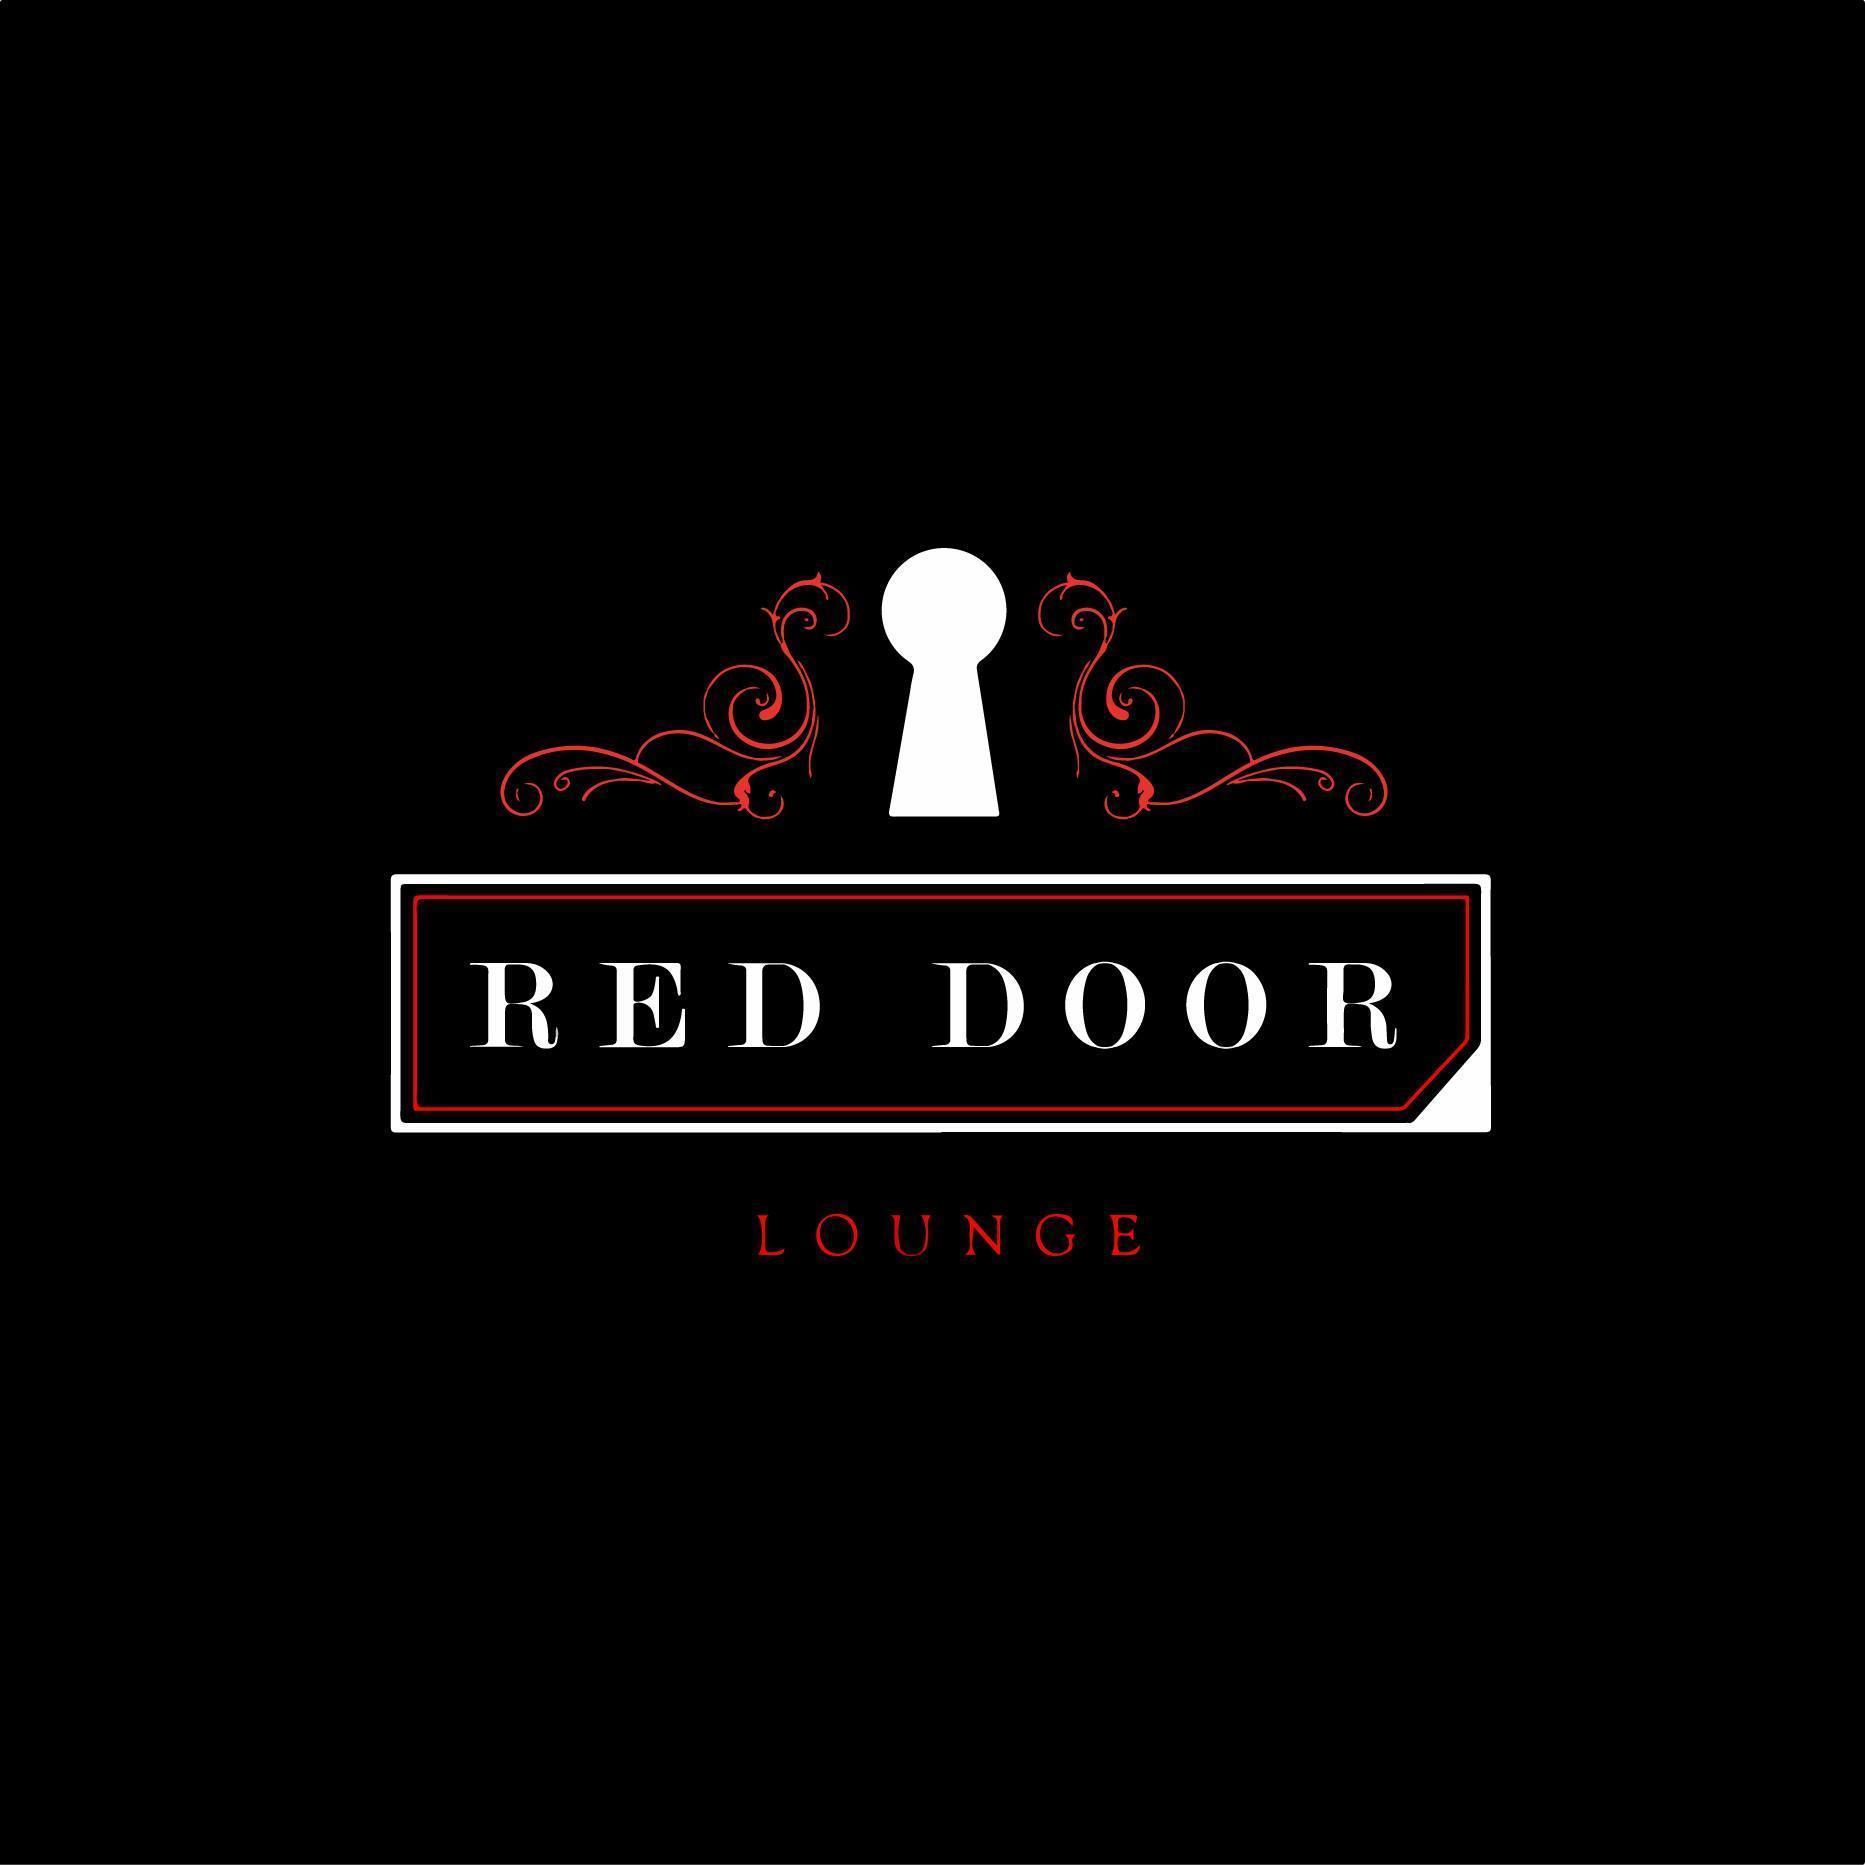 Red Door Lounge Reddoorbarbados Twitter